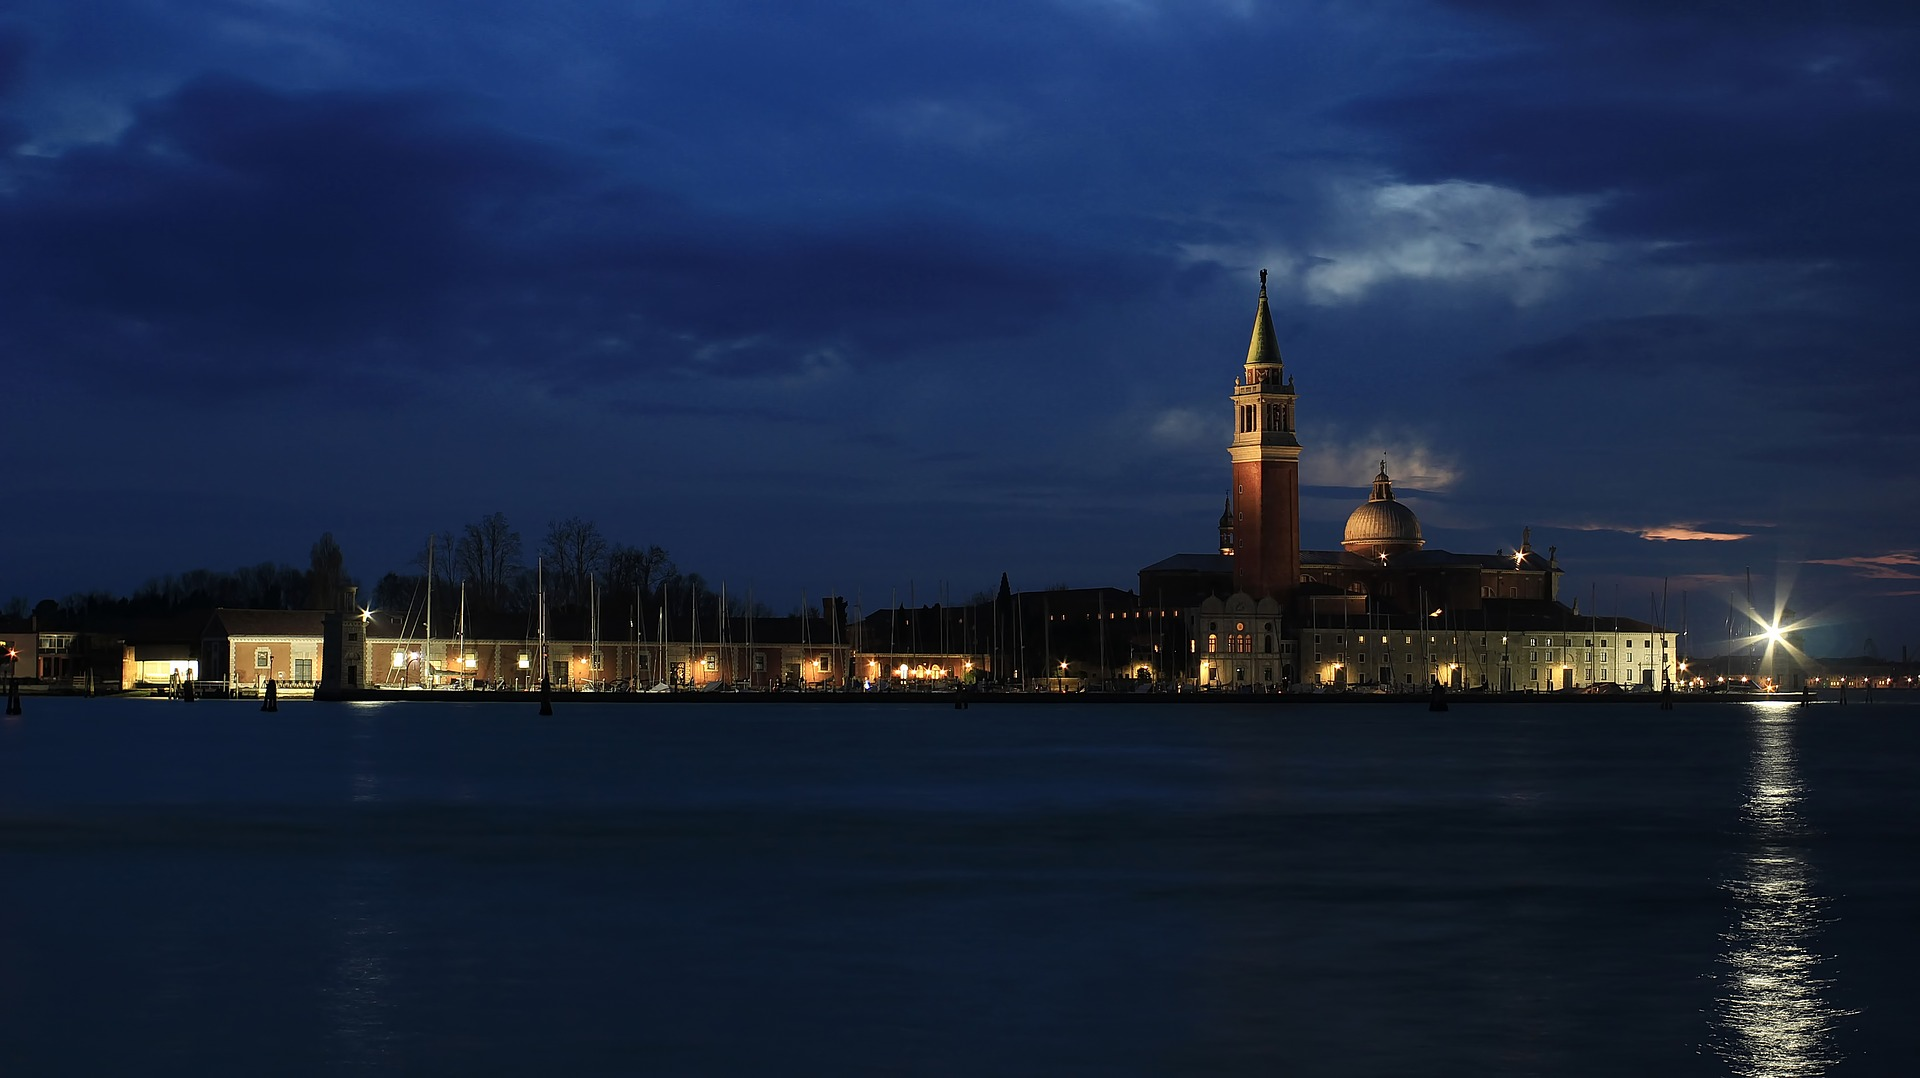 La beauté de Venise mise en valeur par un éclairage public signé Citelum